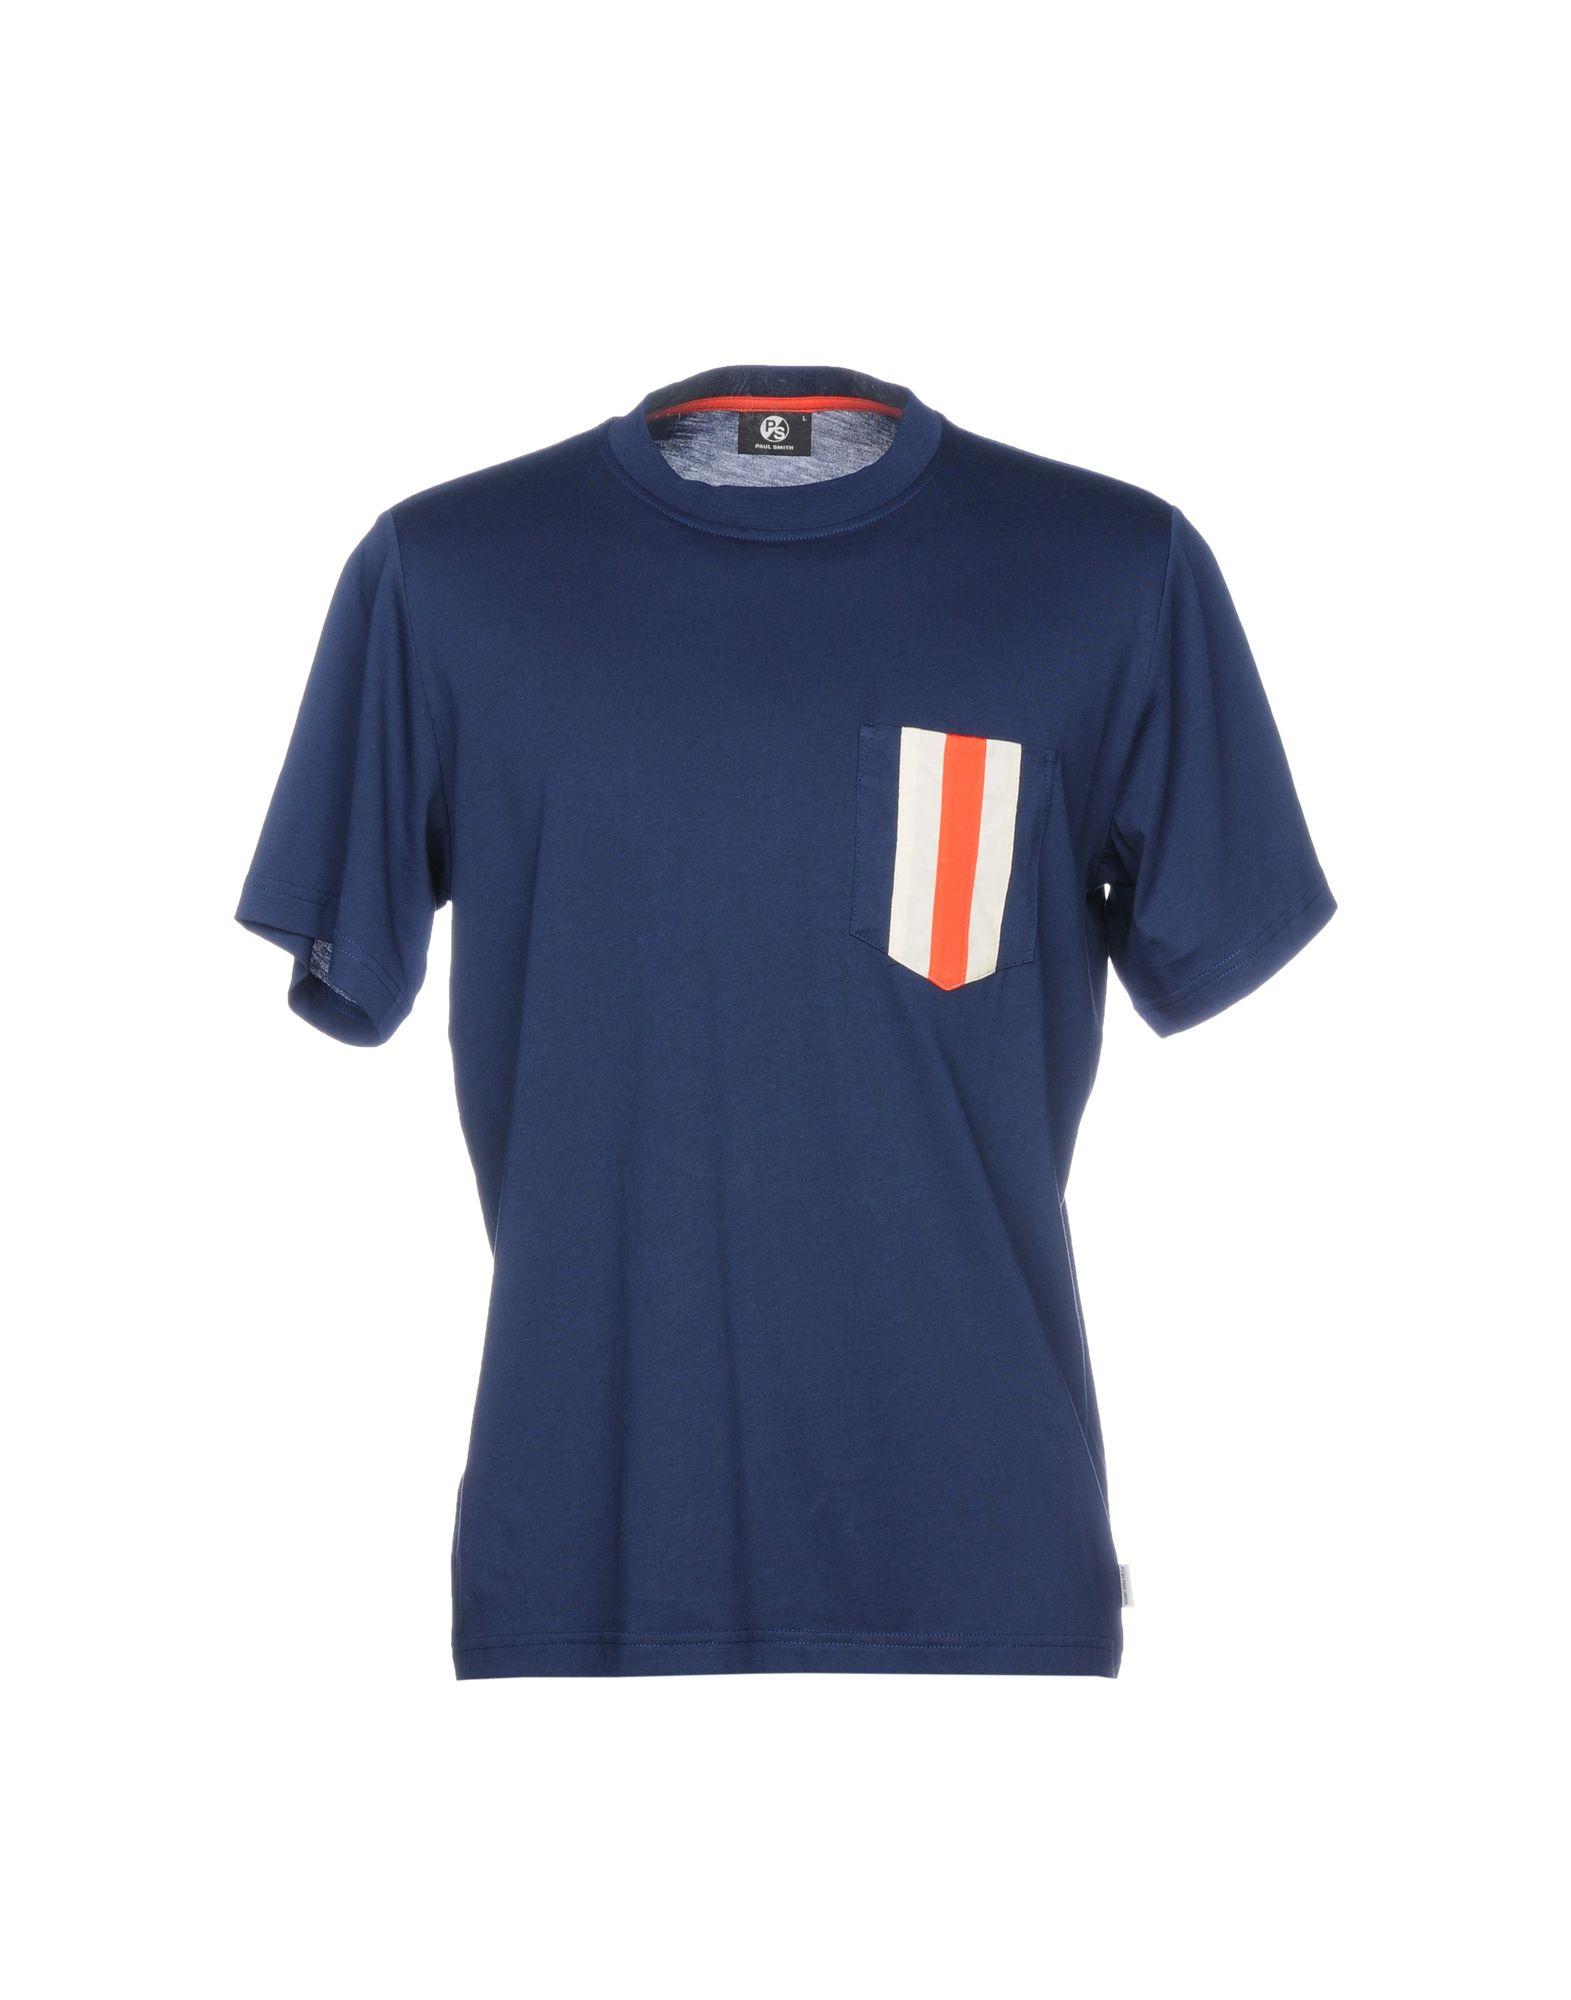 T-Shirt Ps By Paul Smith Uomo Uomo Smith - 12196051FD 2e9100